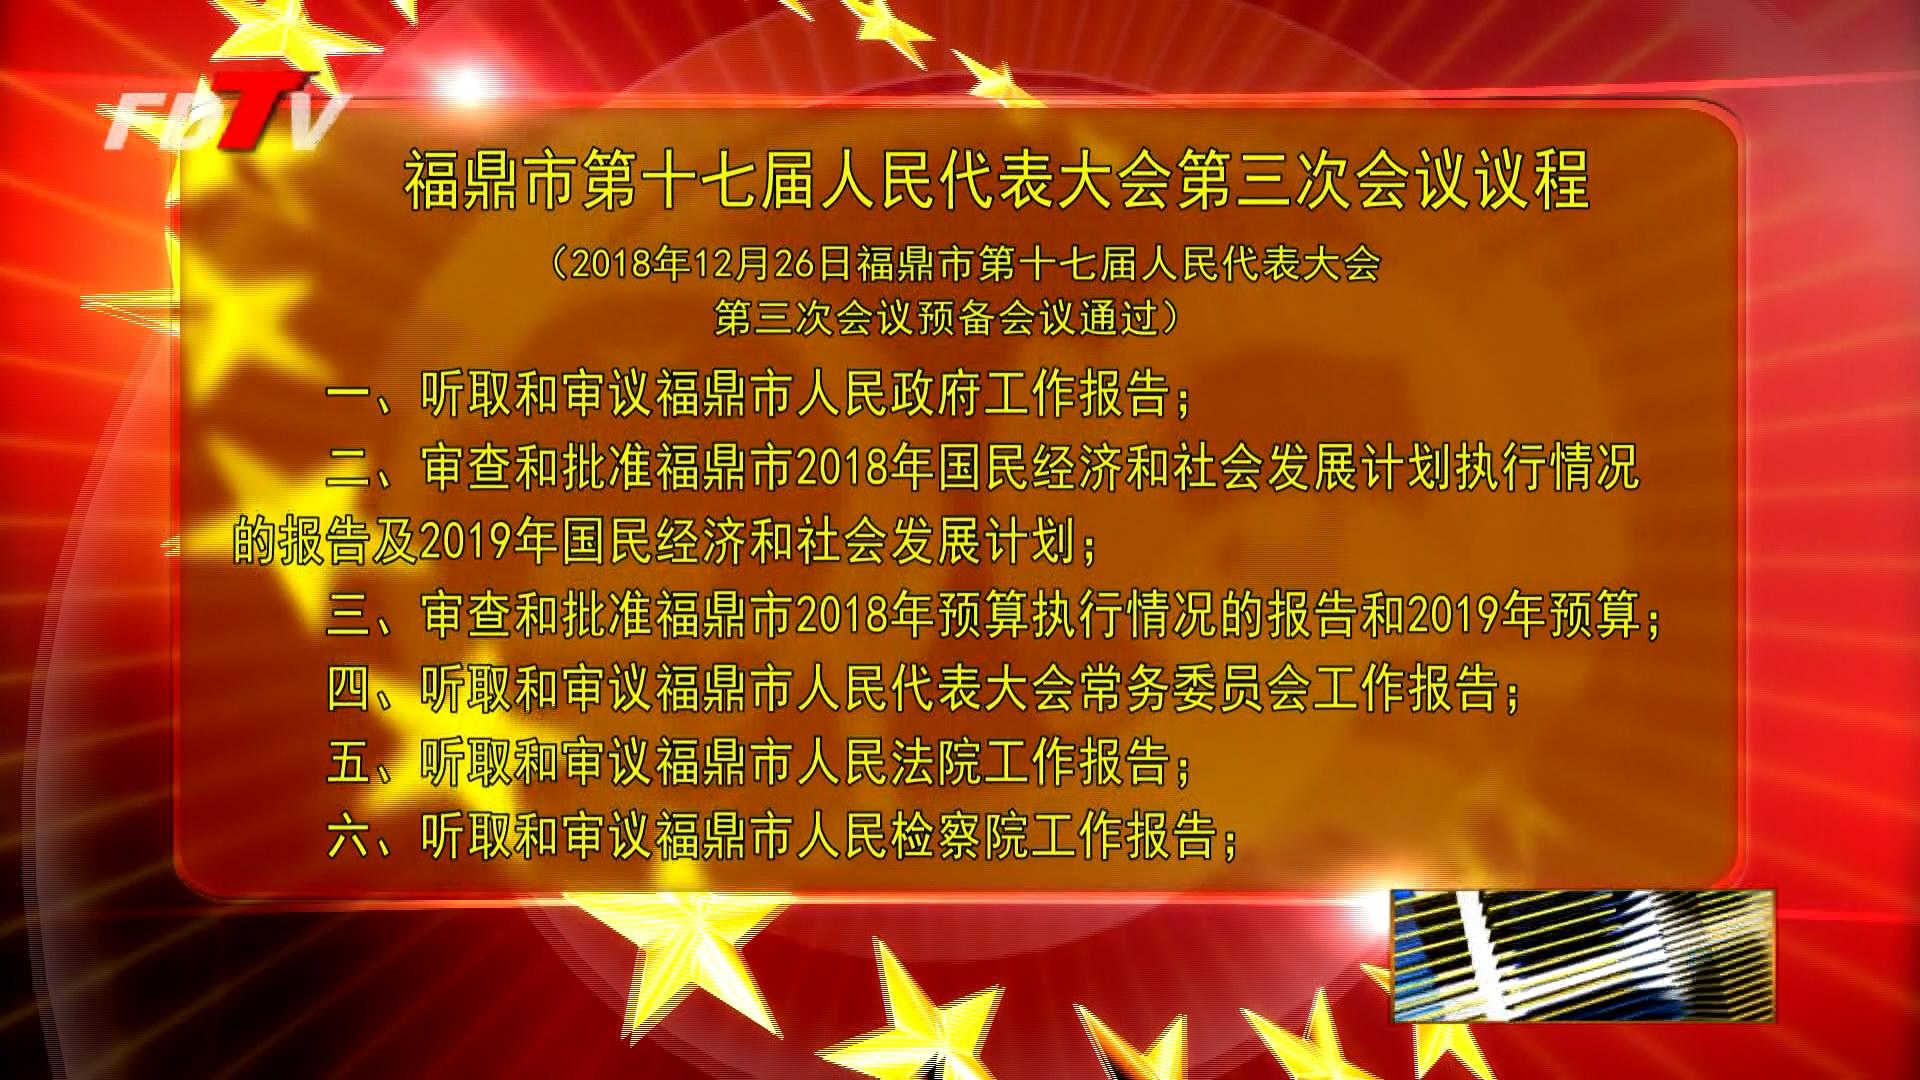 福鼎市第十七届人大第三次集会议程